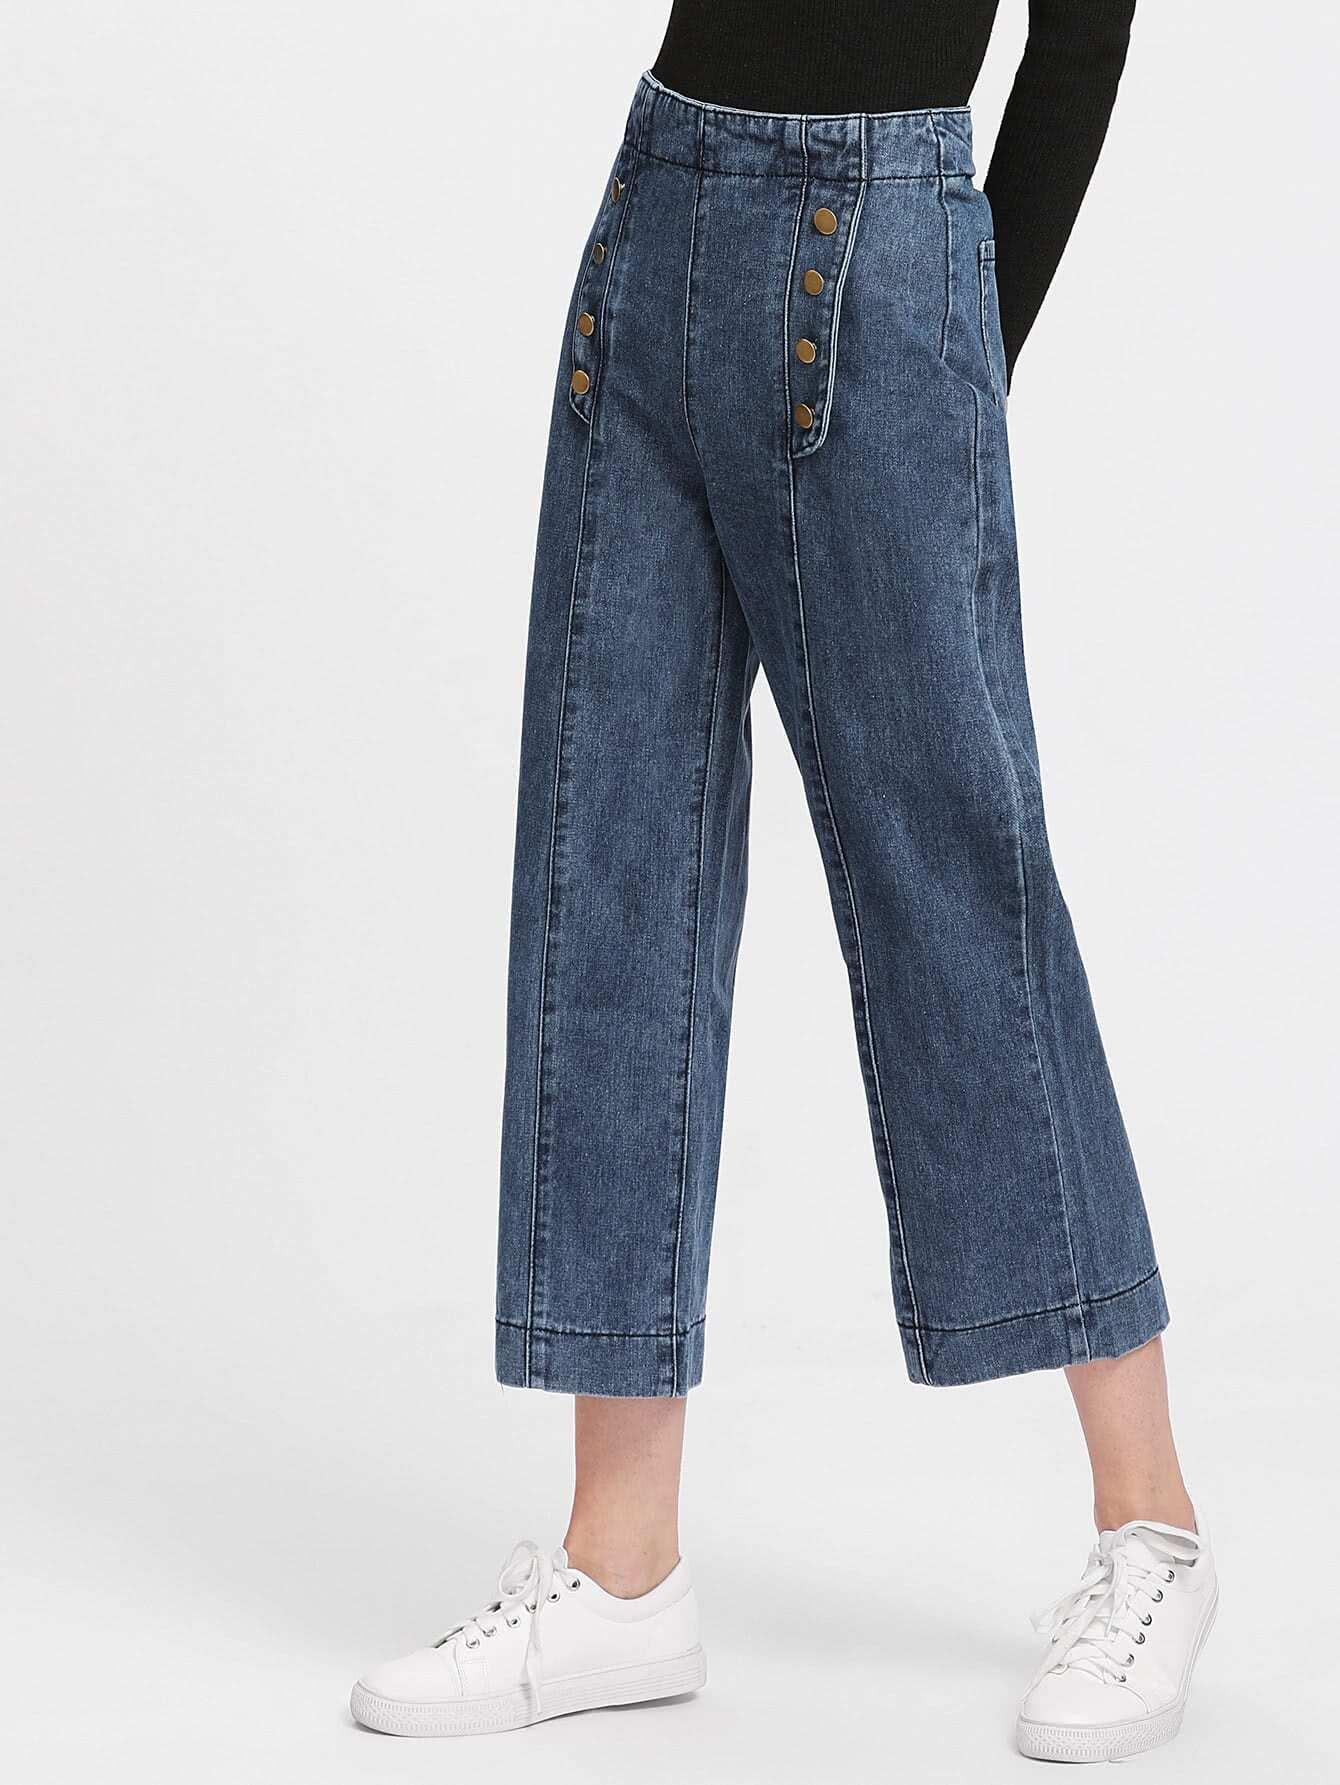 jeans mit kn pfe vorn rei verschluss hinten und weitem. Black Bedroom Furniture Sets. Home Design Ideas